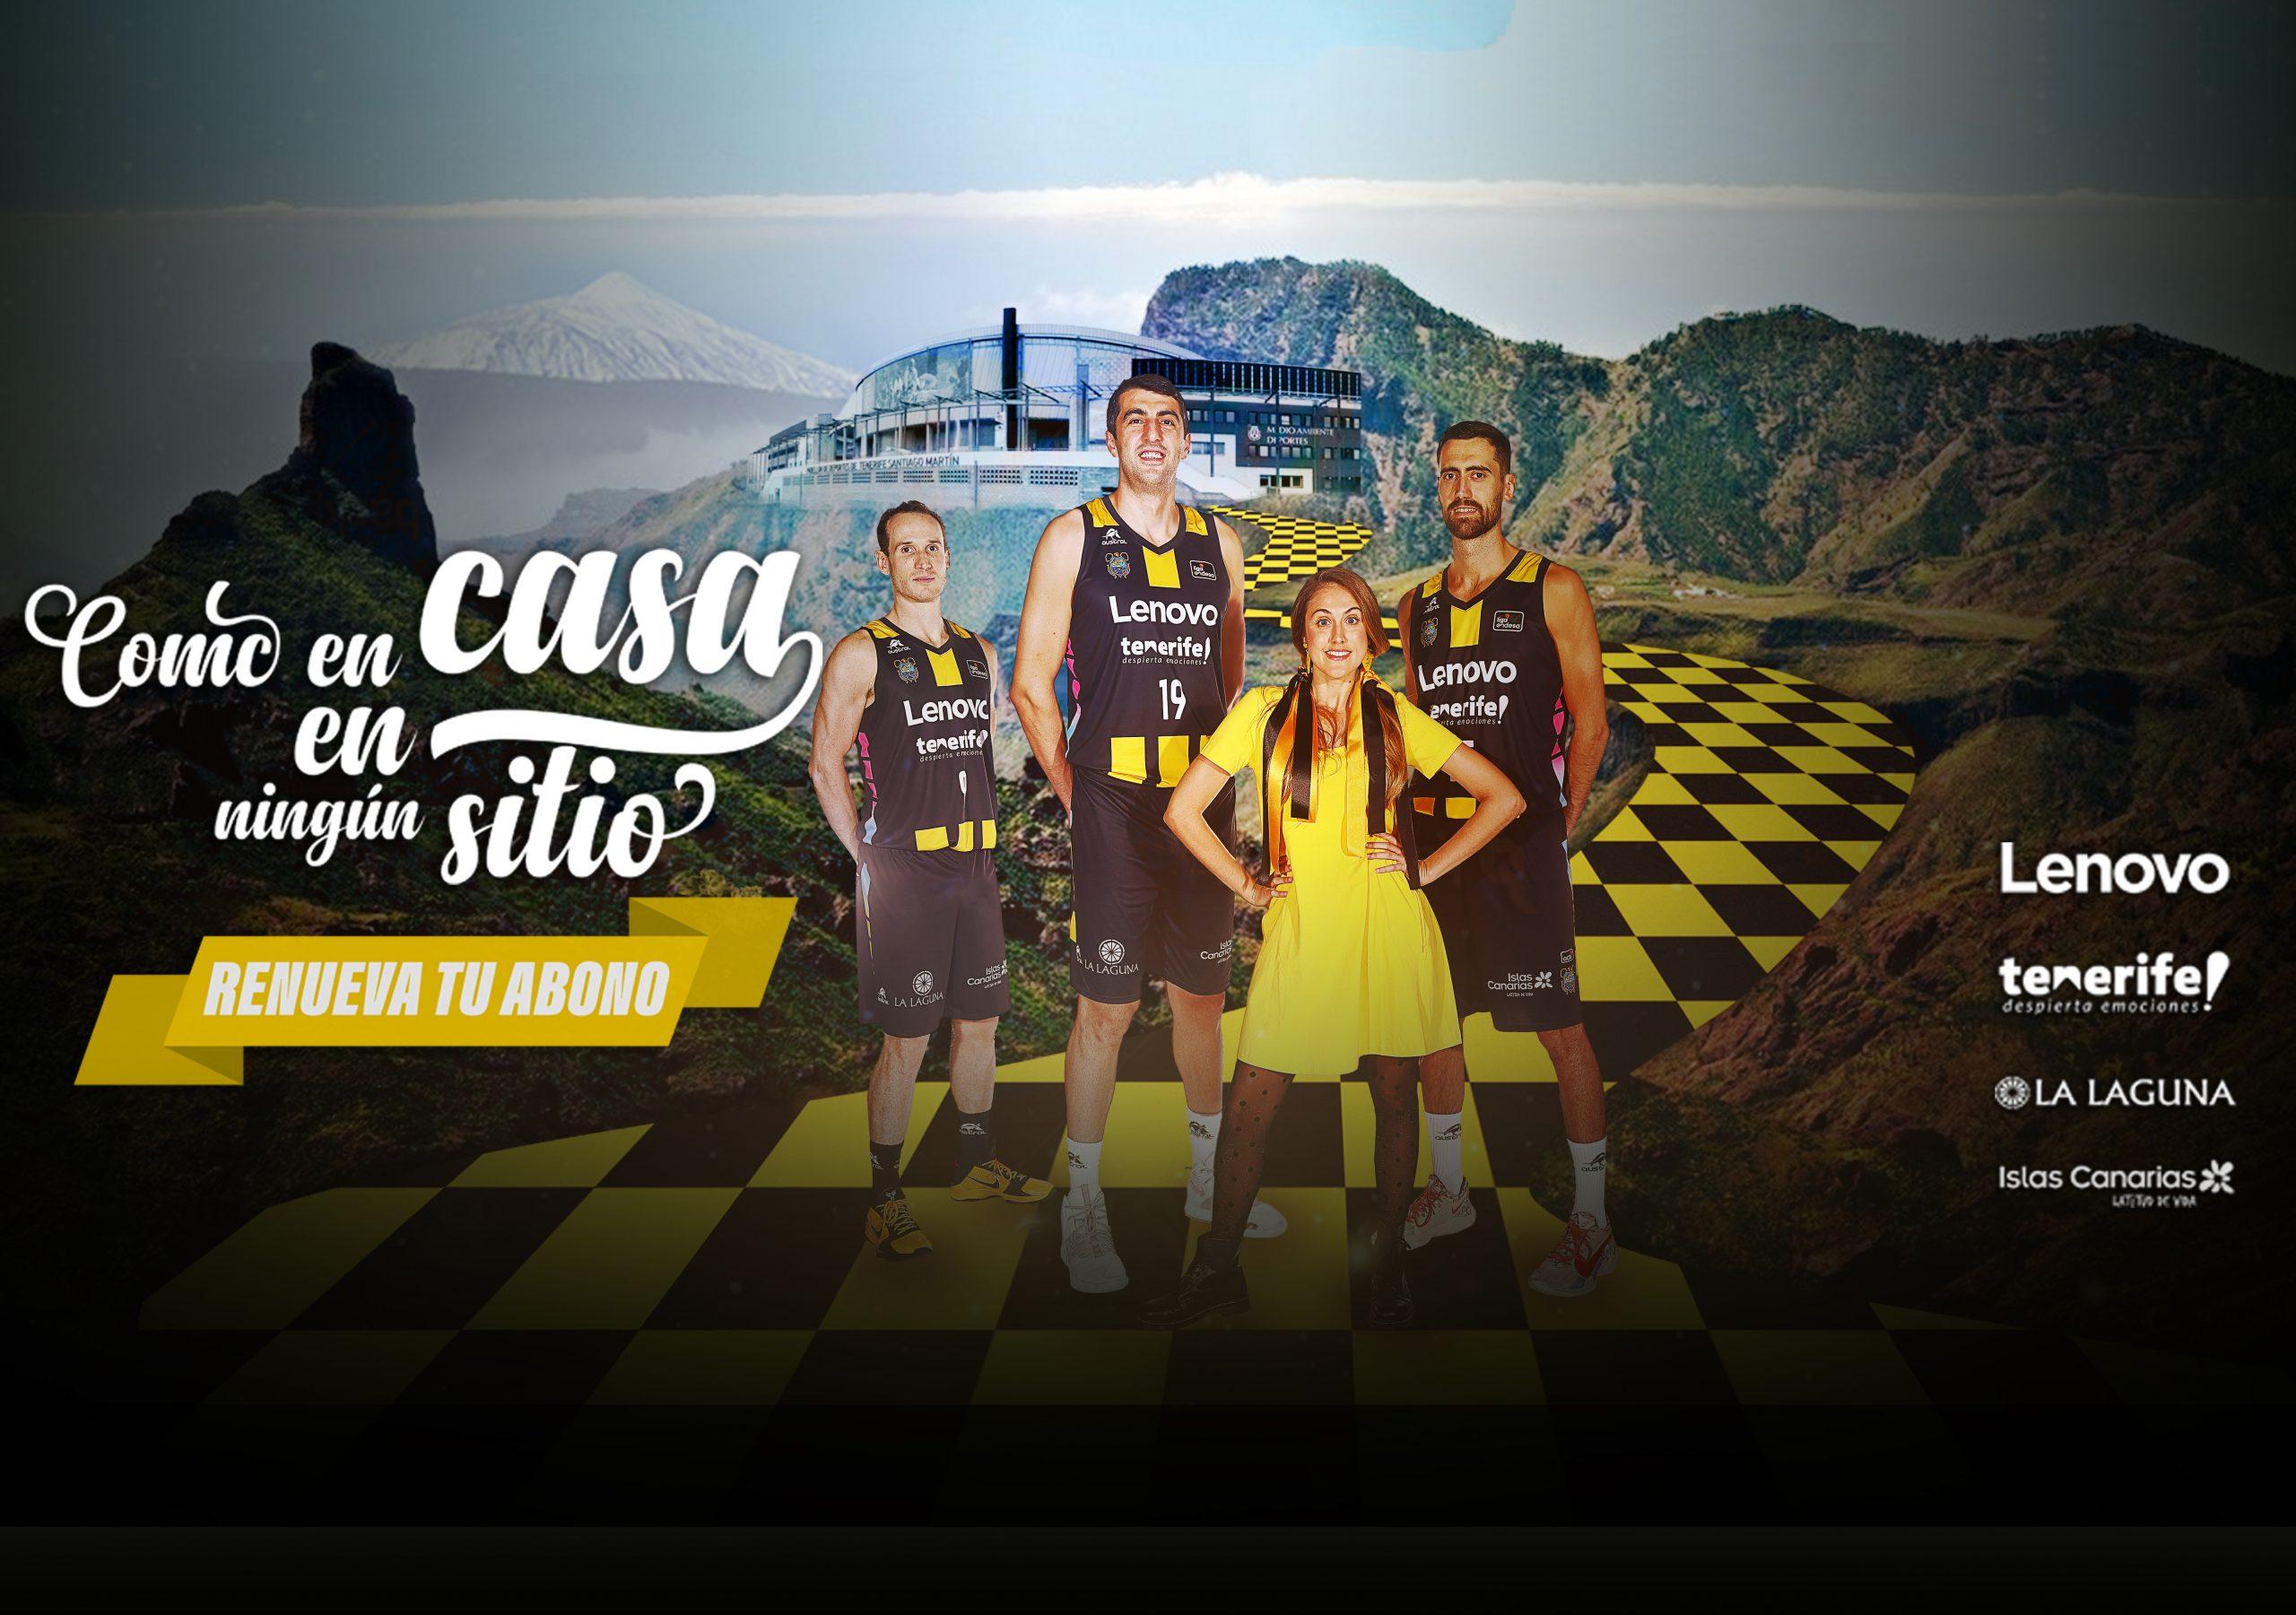 'Como en casa, en ningún sitio ¡Renueva tu abono!', lema de la campaña de abonos de Lenovo Tenerife